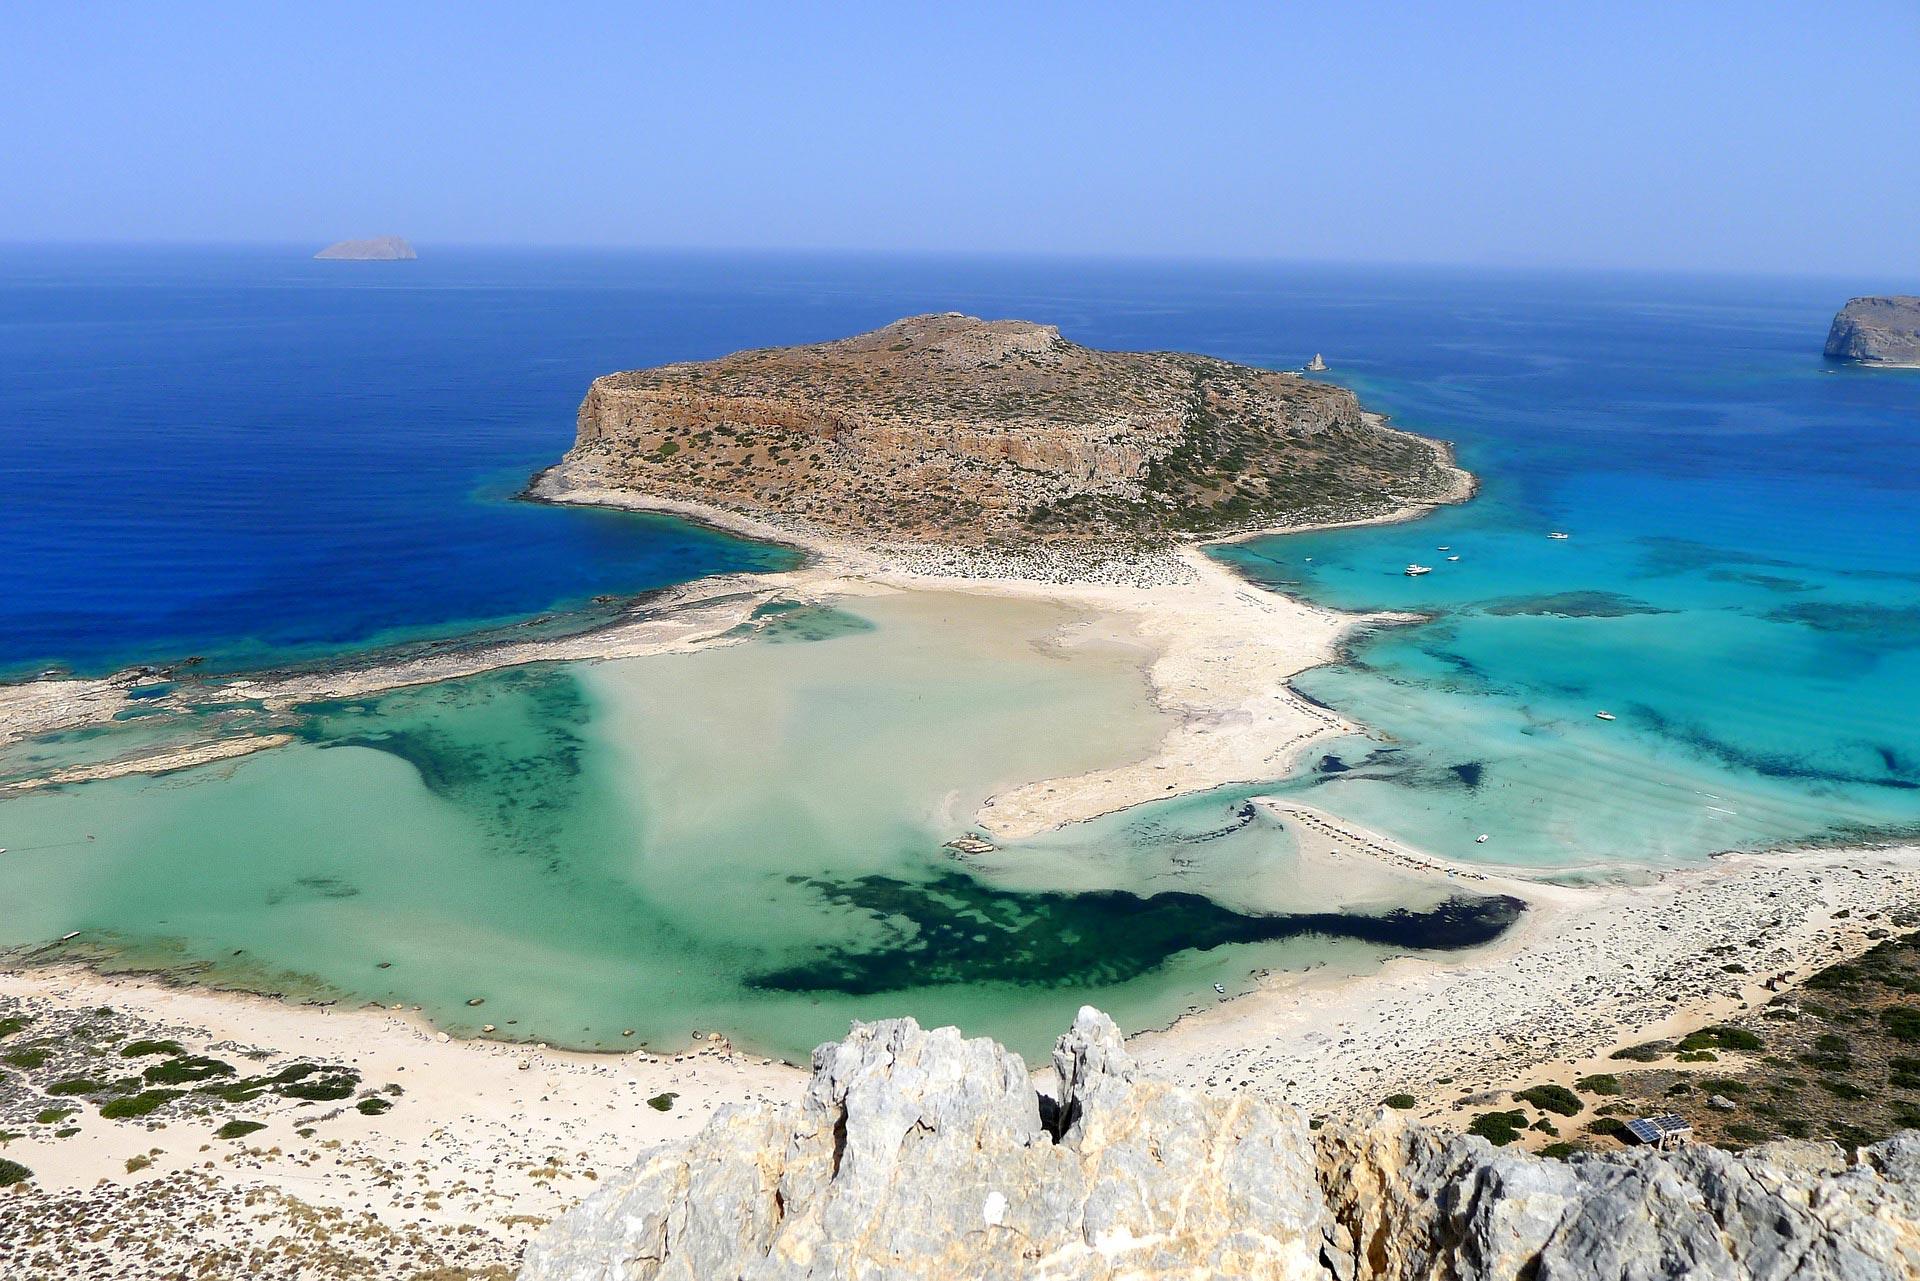 veduta della laguna di Balos, Creta, Grecia